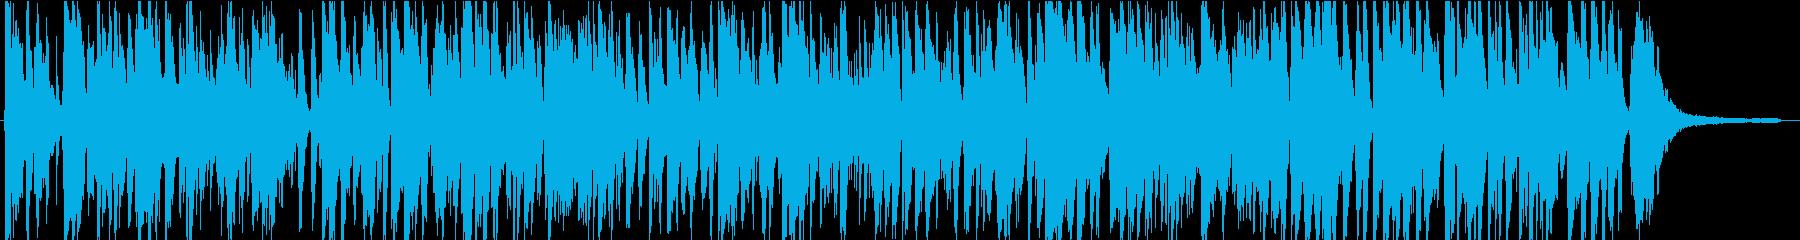 明るくゴキゲンなスイング!ジャズピアノの再生済みの波形